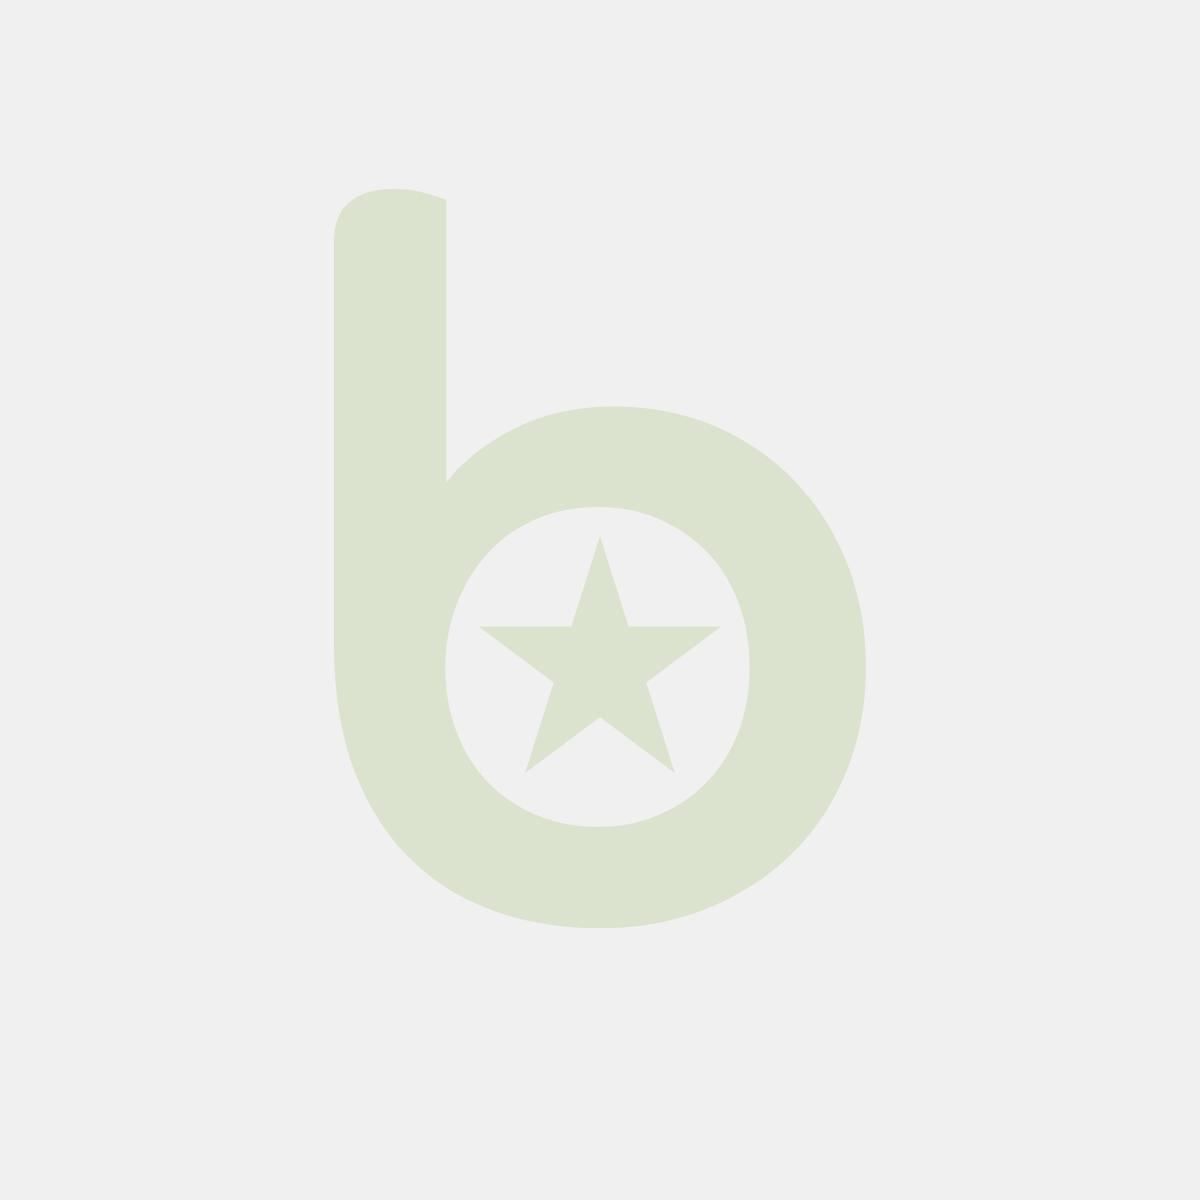 Akacja - skrzynka bufetowa Blackwood 35x24xh.6cm